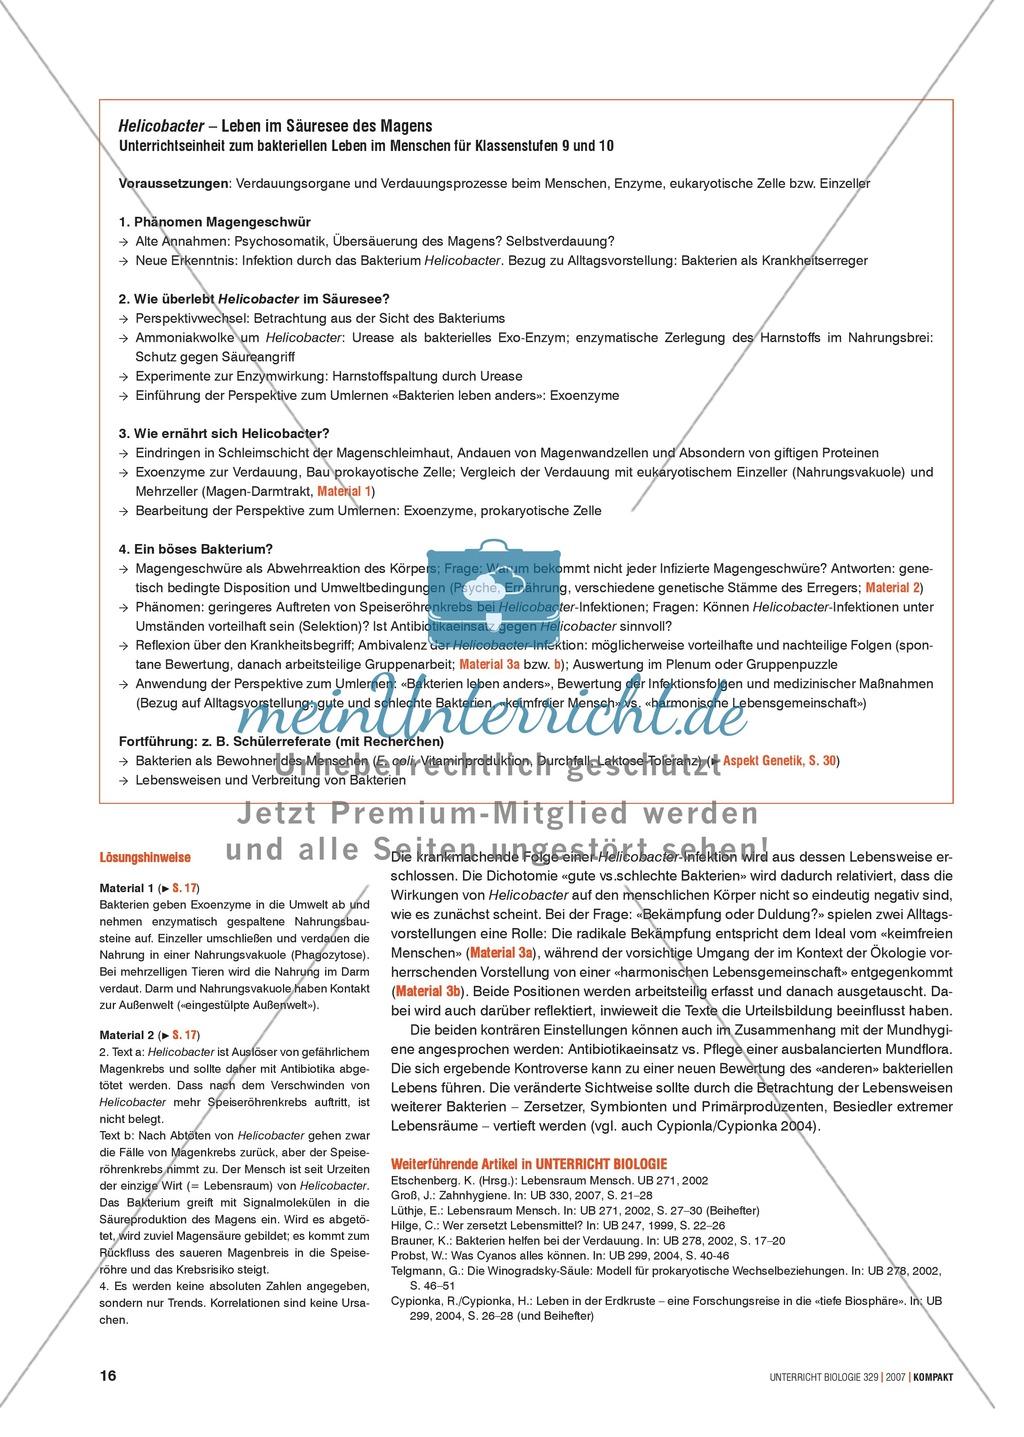 Alltagsvorstellungen zur Mikrobiologie - Zellen und Bakterien: Info-Text und Aufgaben Preview 2